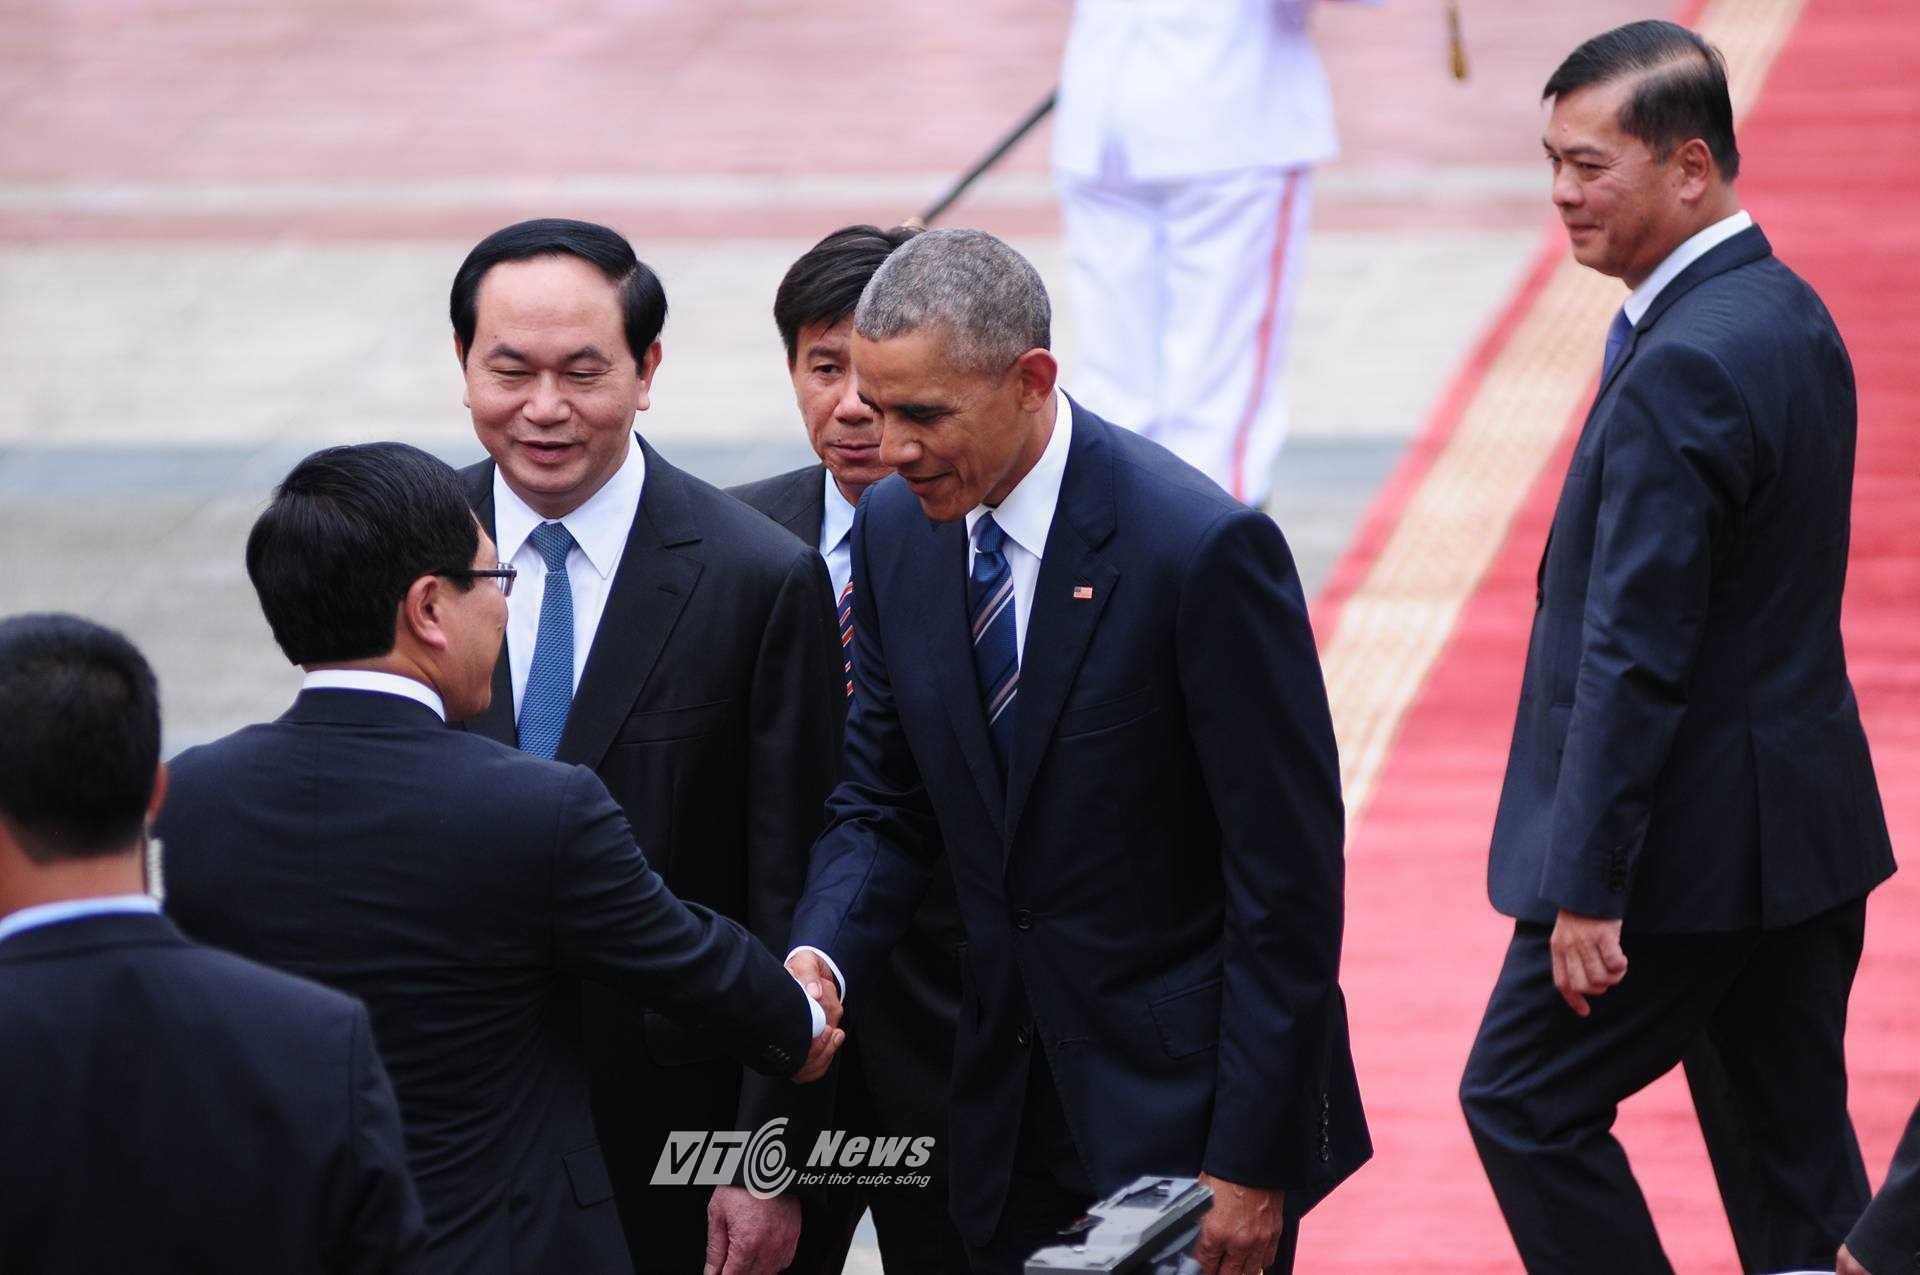 Các vị lãnh đạo cấp cao tiếp đón ông Obama (Ảnh: Tùng Đinh)